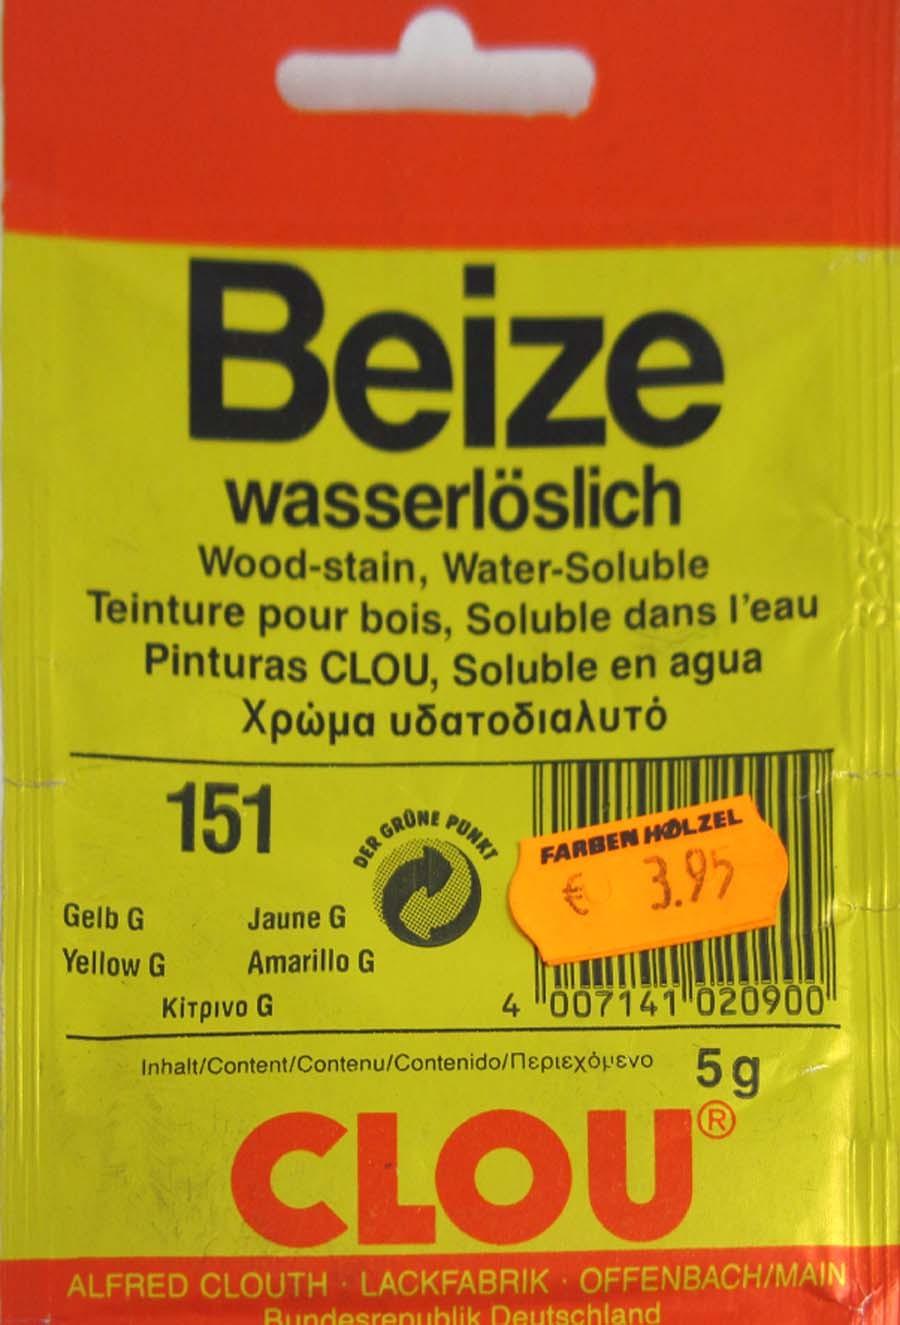 Beize Gelb 151 G wasserlöslich 5 g Clou